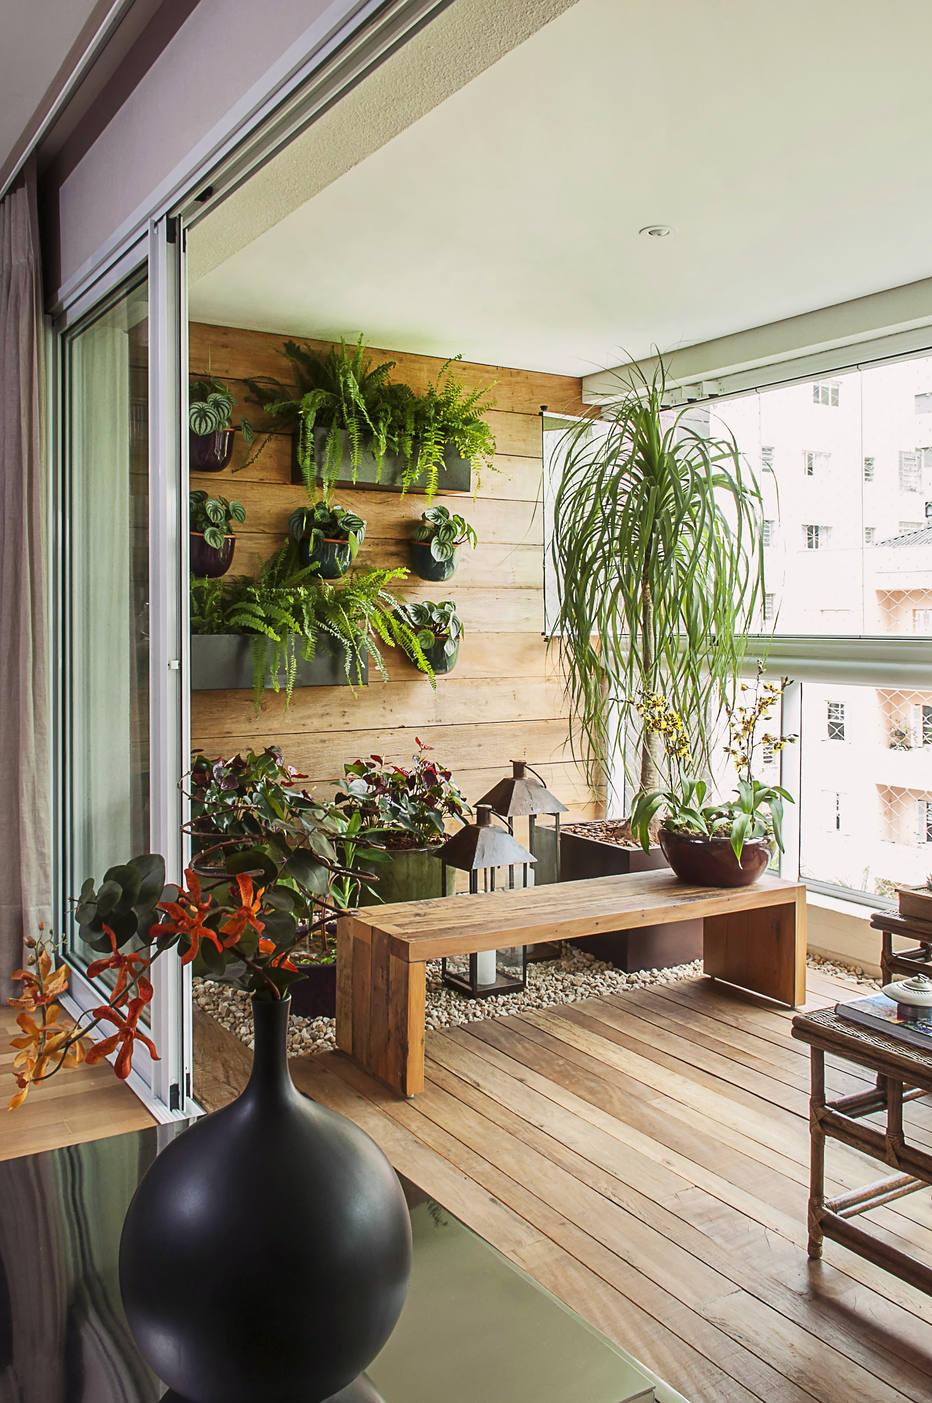 Varanda com jardim vertical e banco de madeira simples